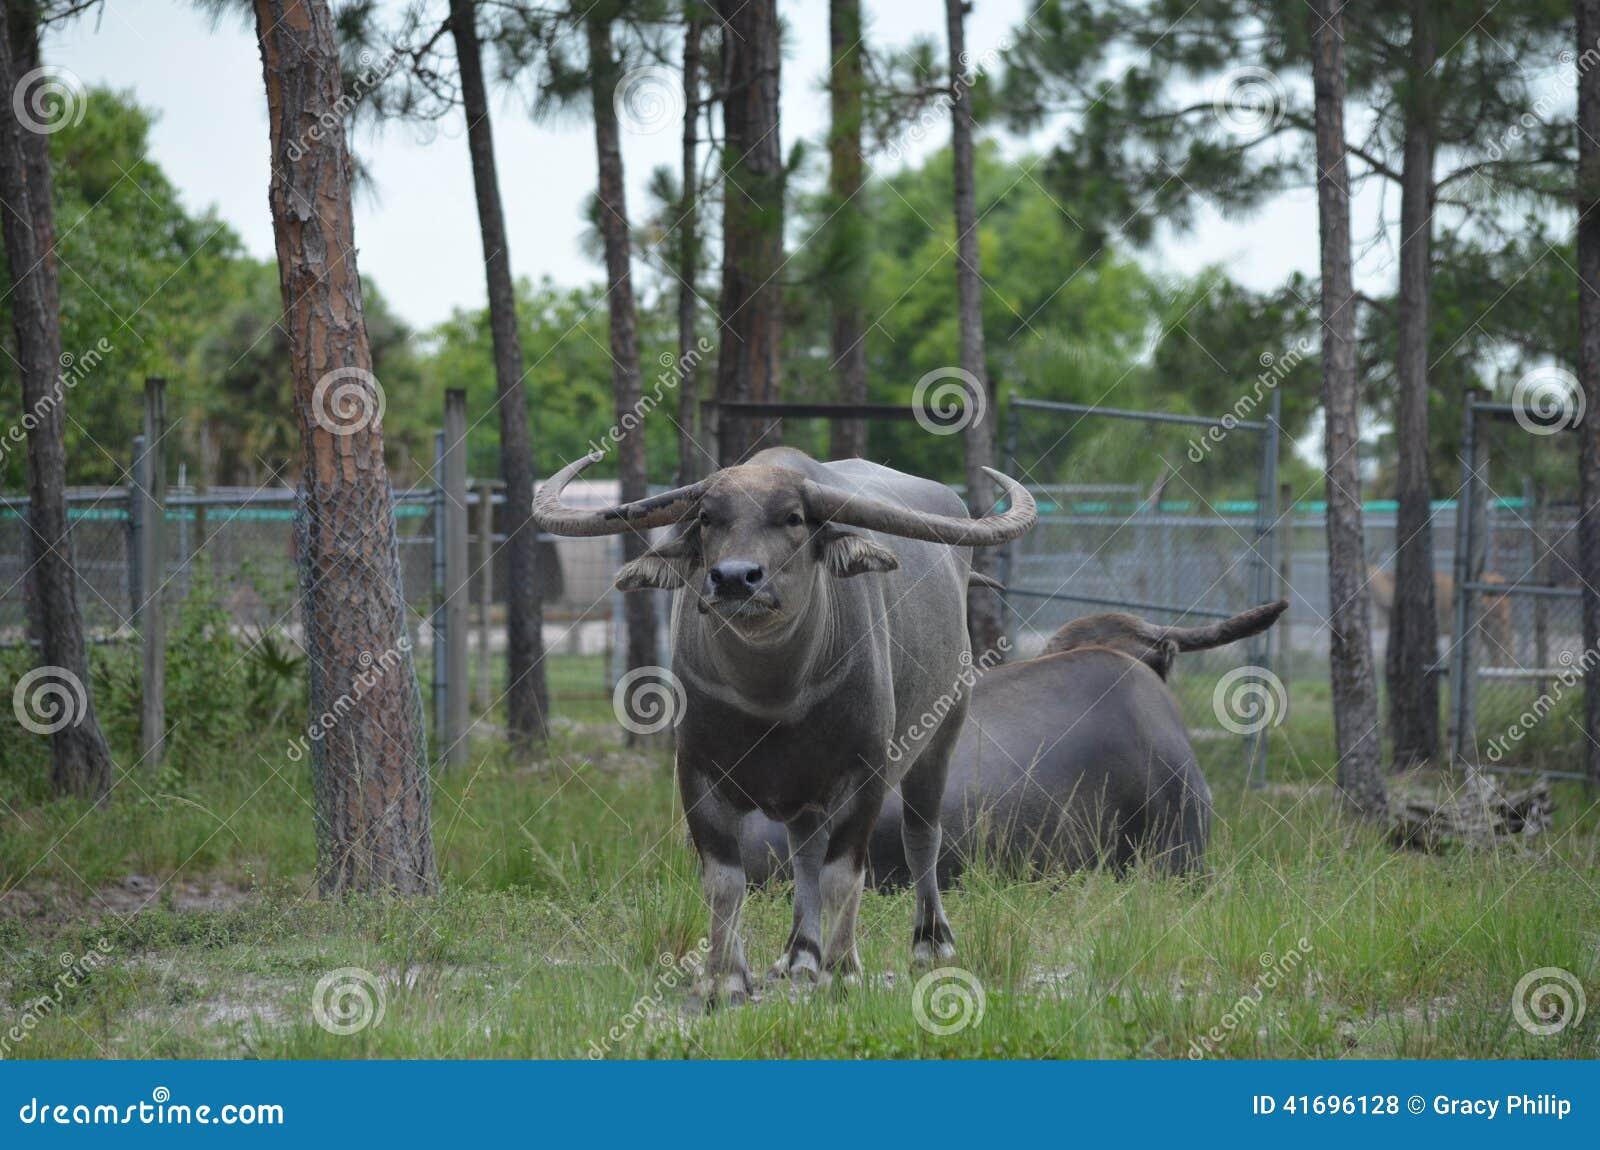 Built For Bull Buffalo Alpha Looking